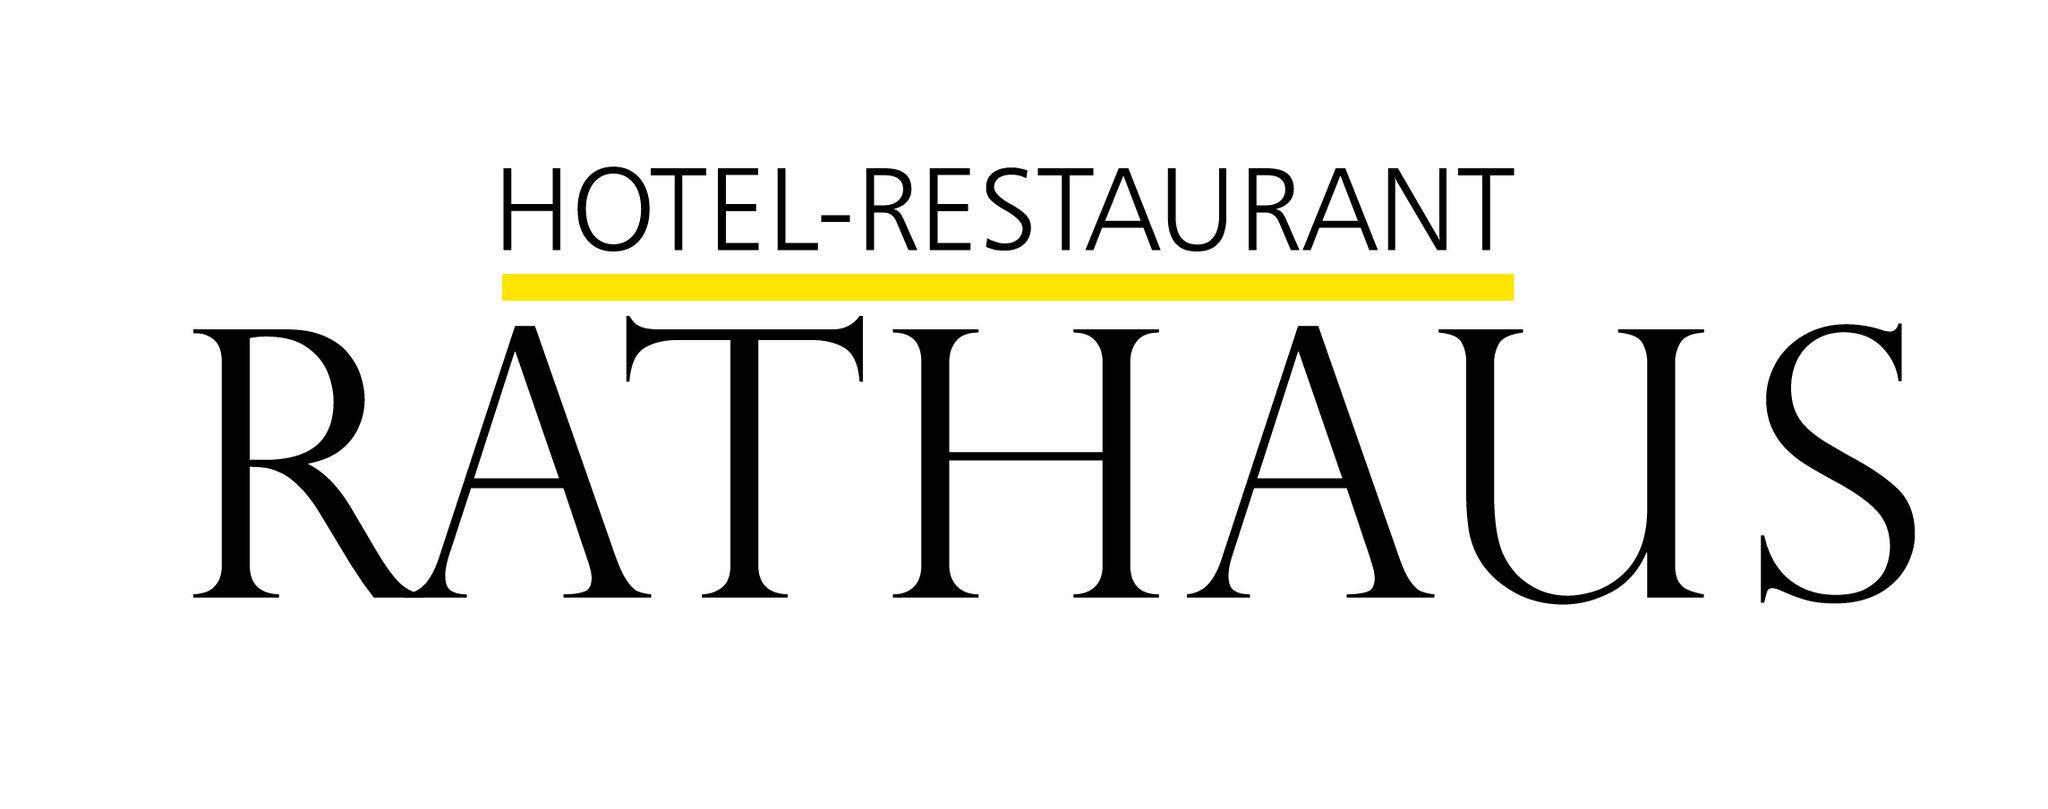 ホテル ラトハウス リストランテ ピッチカータ